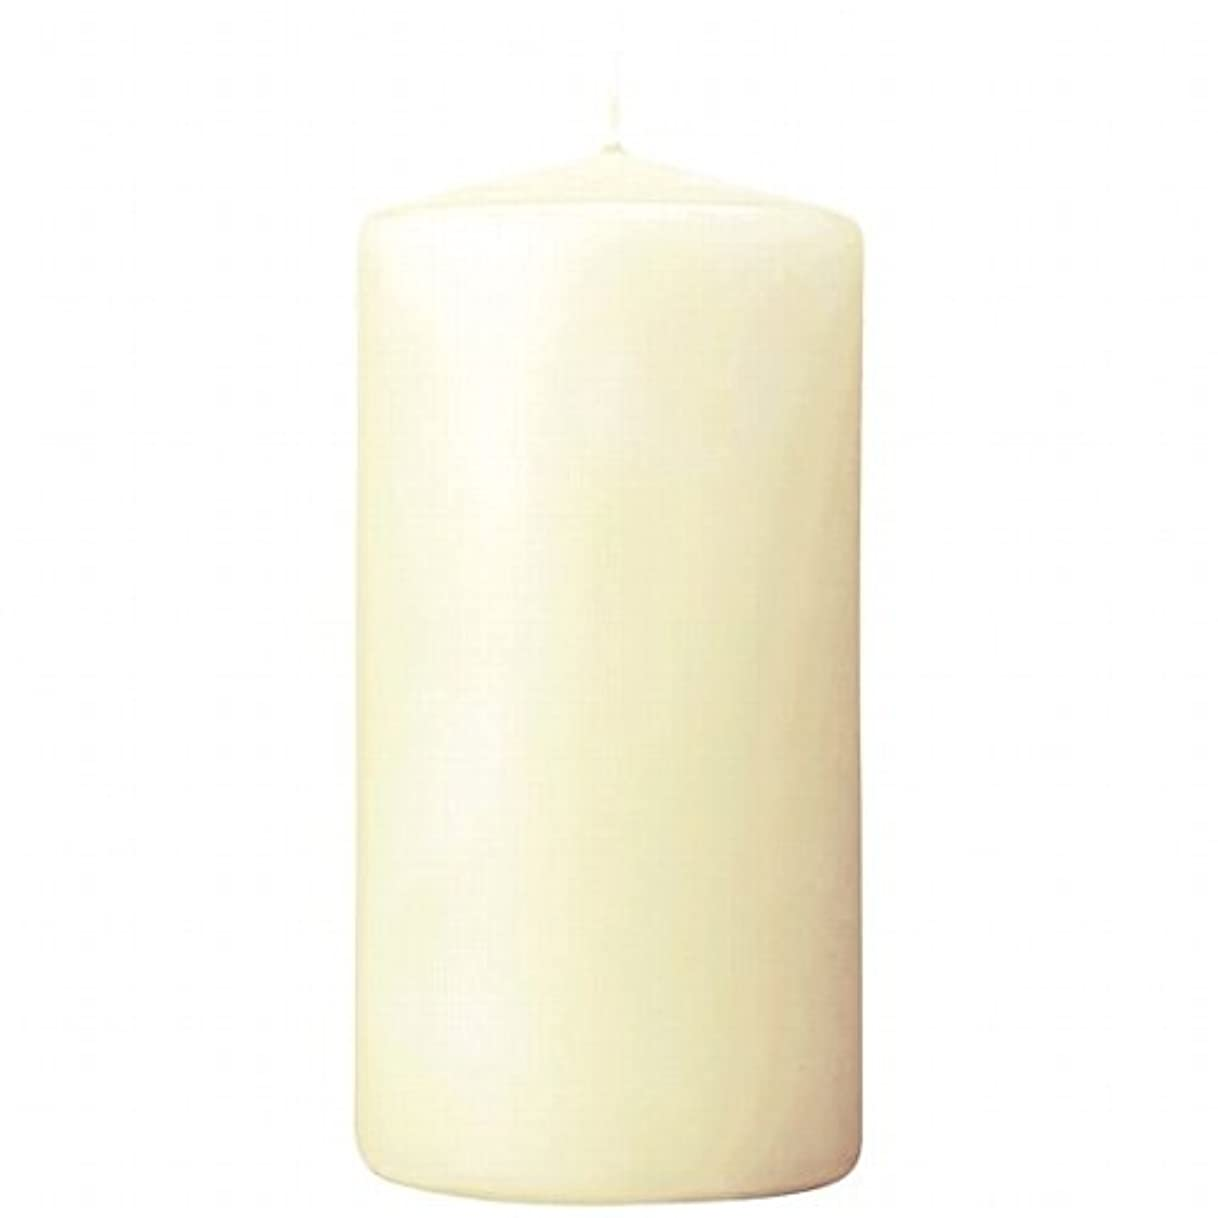 トークレンディション小屋カメヤマキャンドル(kameyama candle) 3×6ベルトップピラーキャンドル 「 アイボリー 」